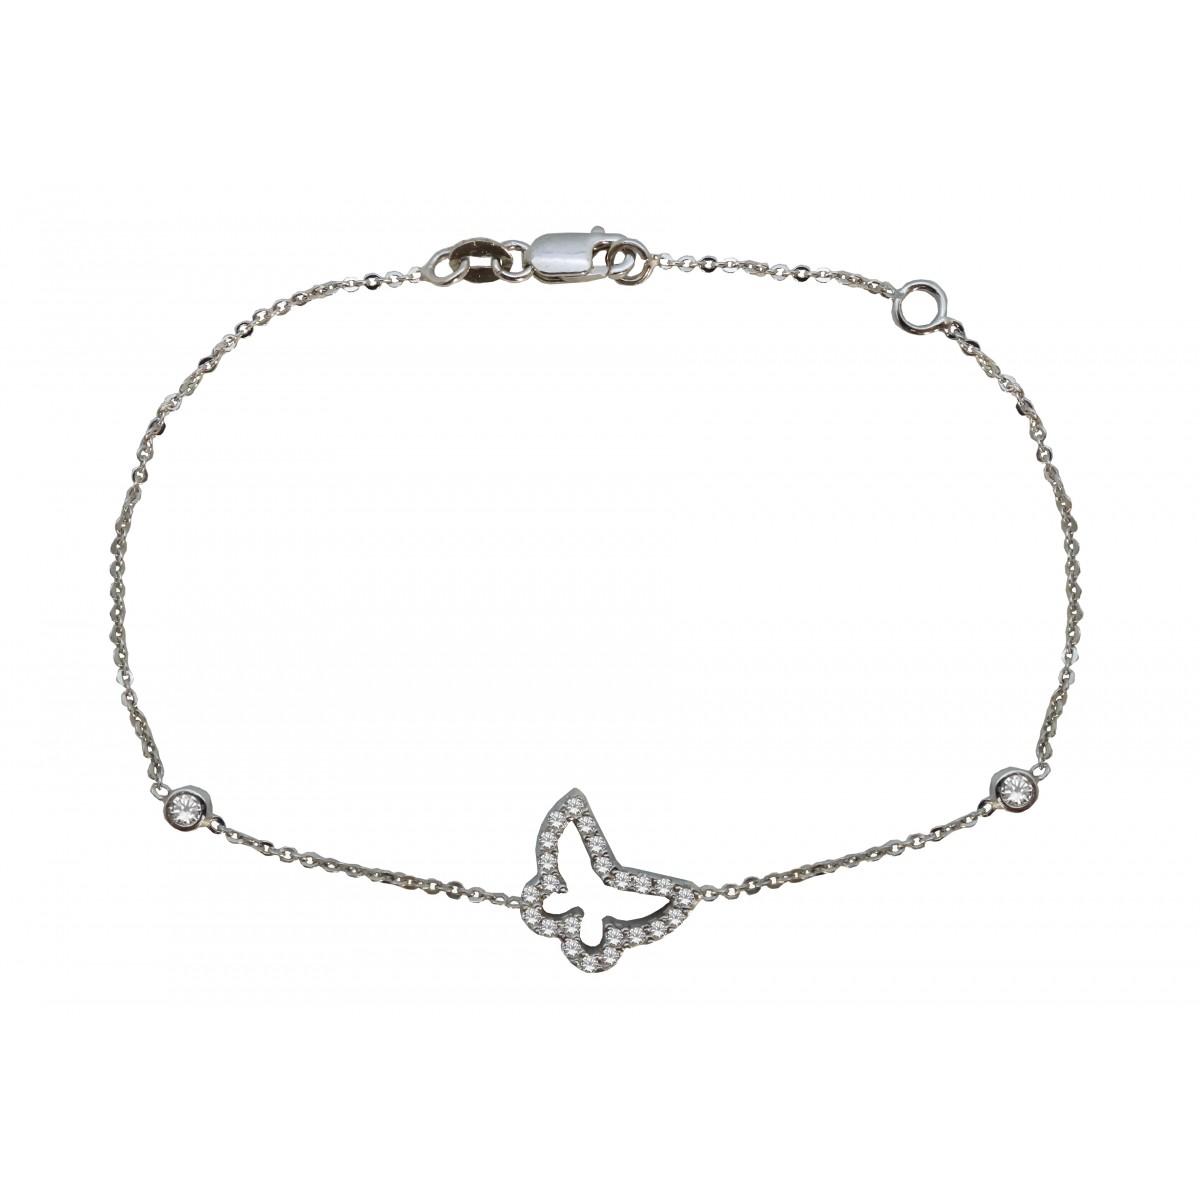 Βραχιόλι γυναικείο λευκόχρυσο πεταλούδα 14 καράτια - 114€ 81193789ab6